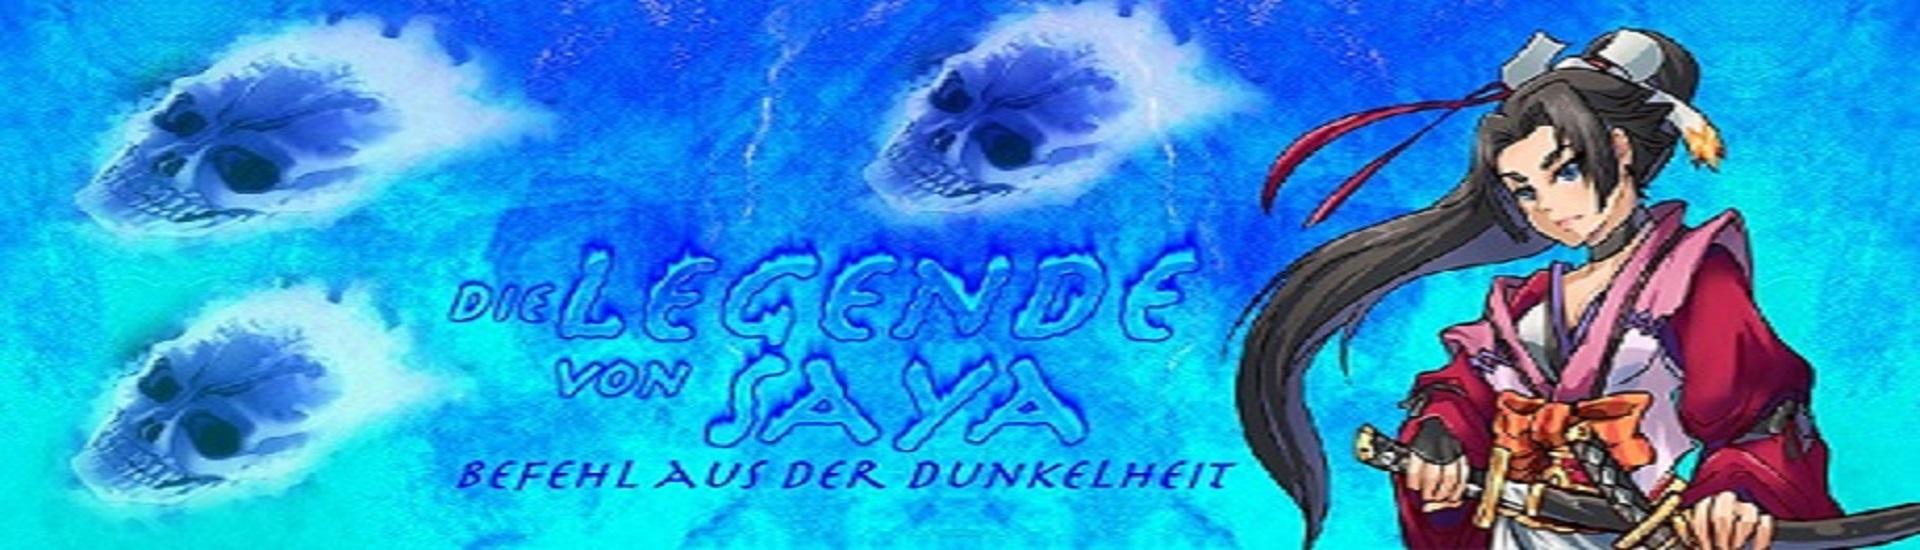 Die Legende von Saya - Befehl aus der Dunkelheit  cover